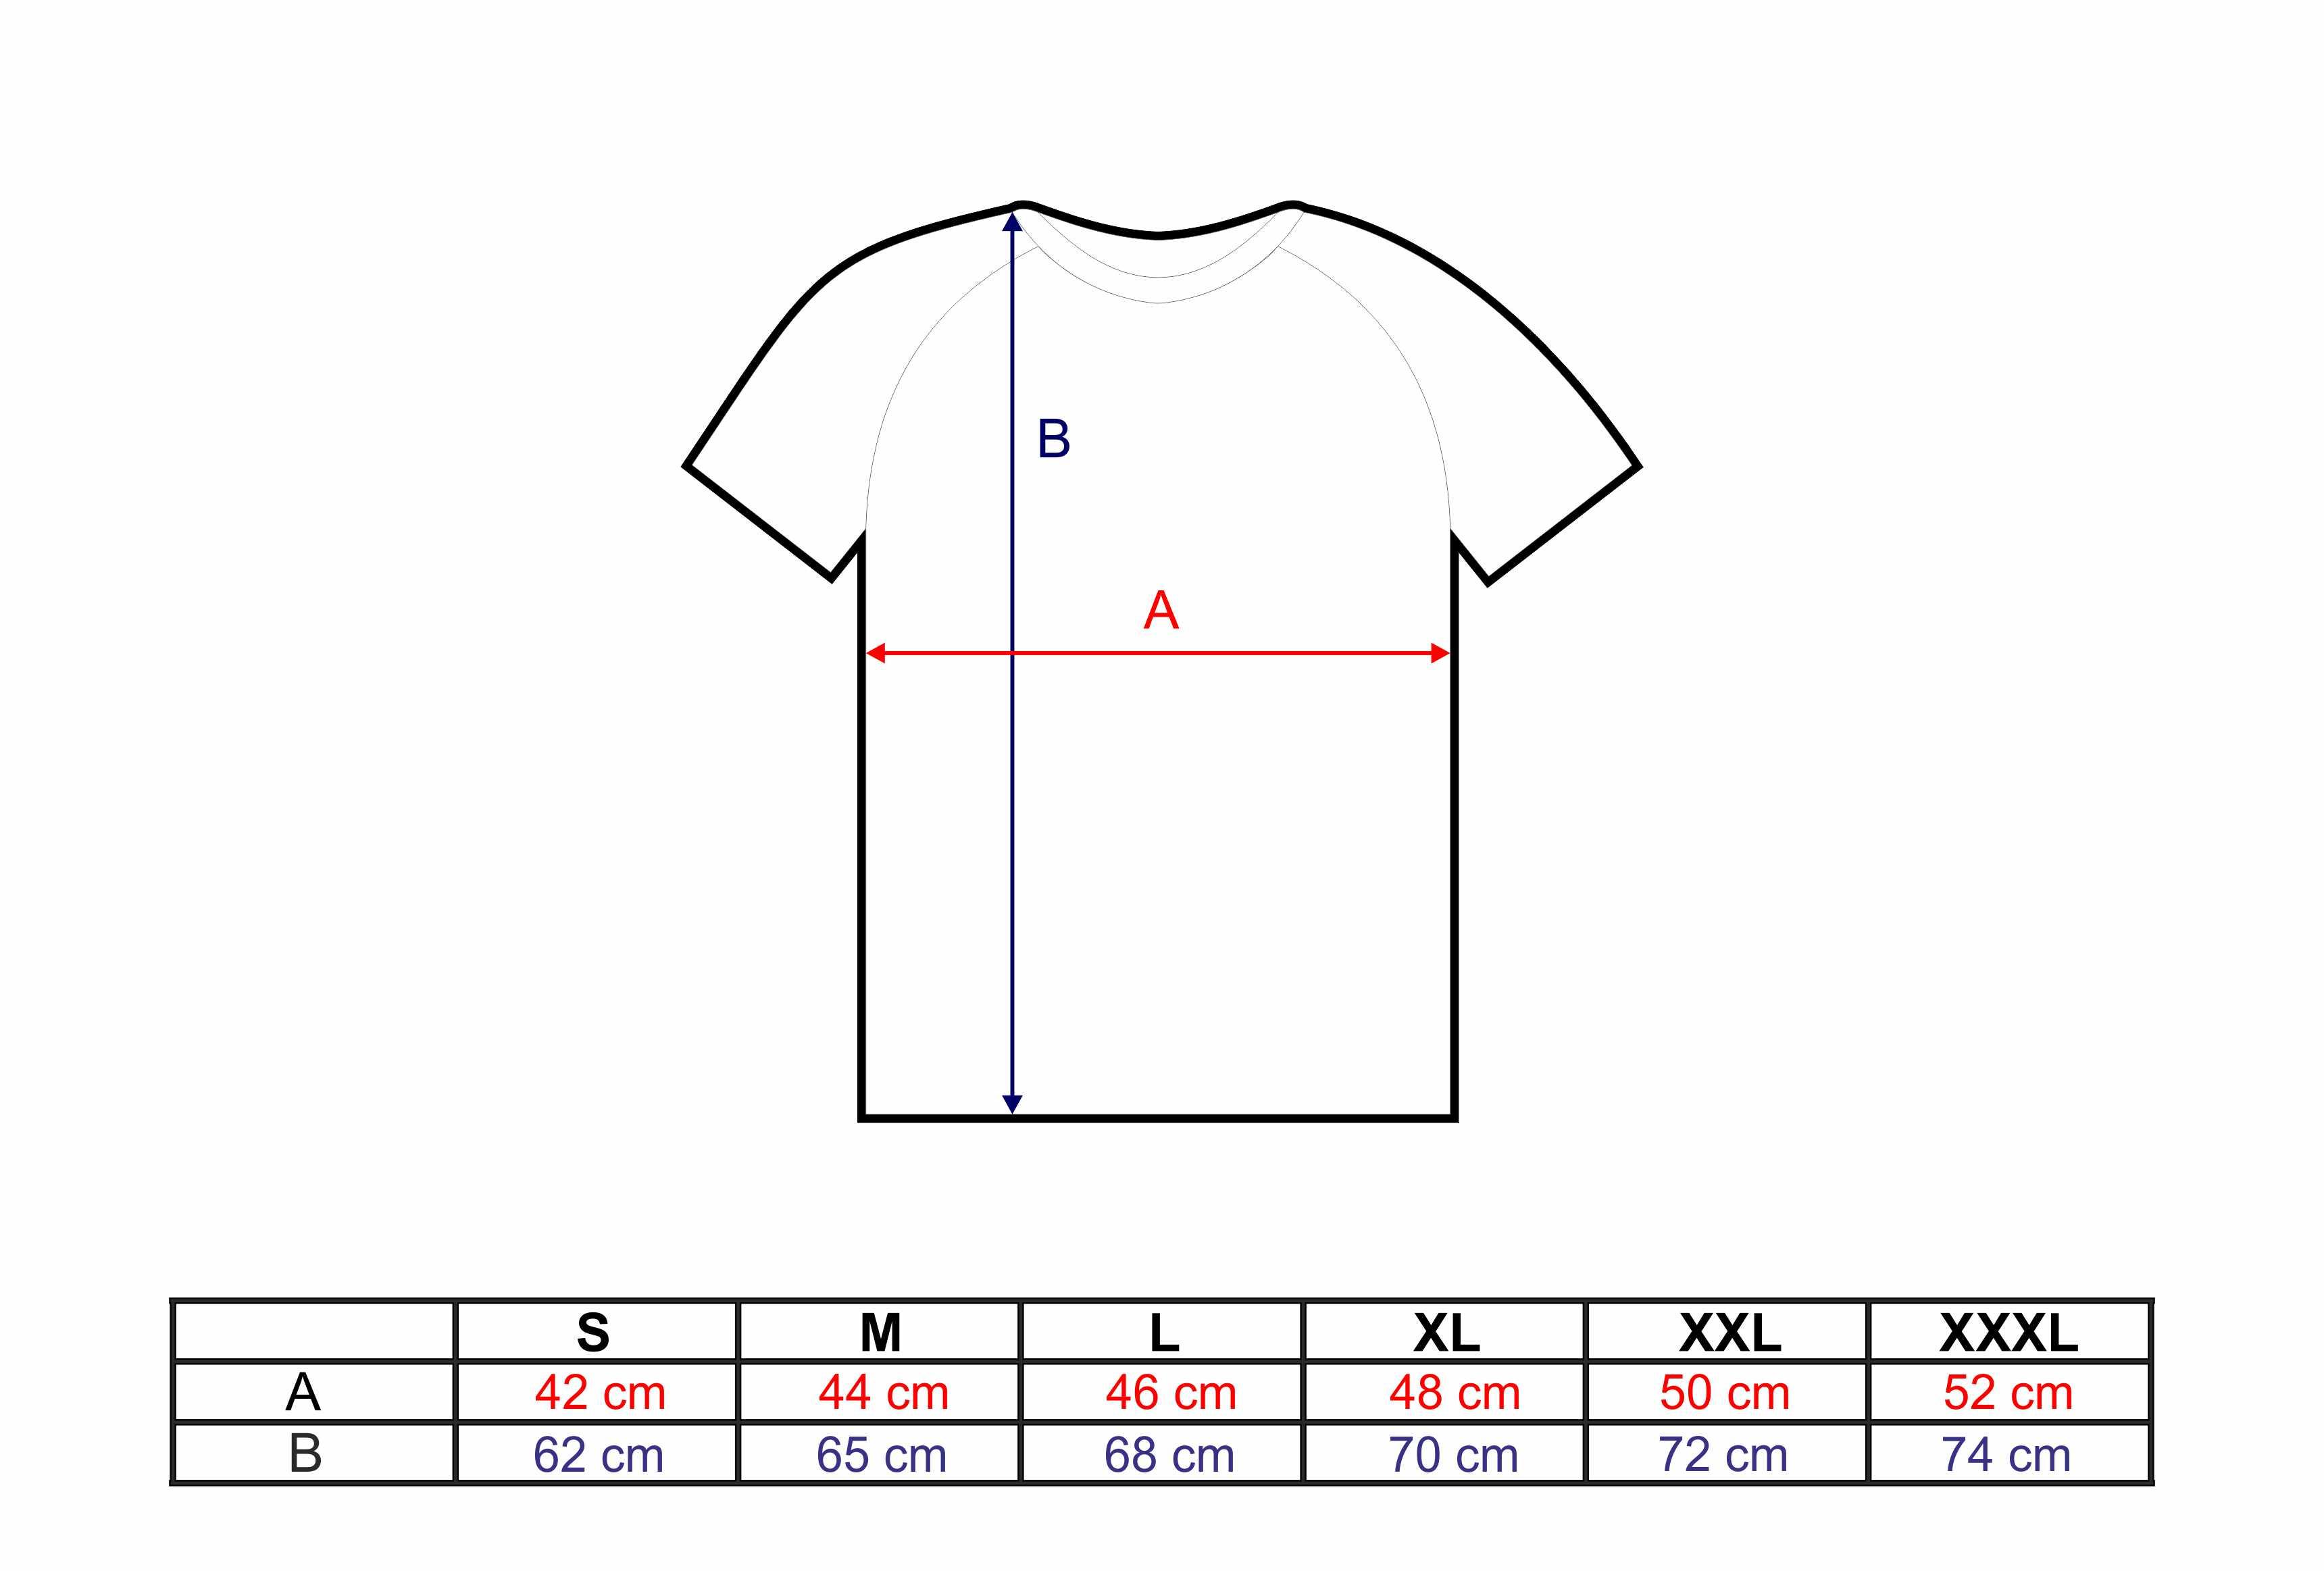 koszulka kompresyjna rashguard trening crossfit obciślak siłownia mma termoaktywna